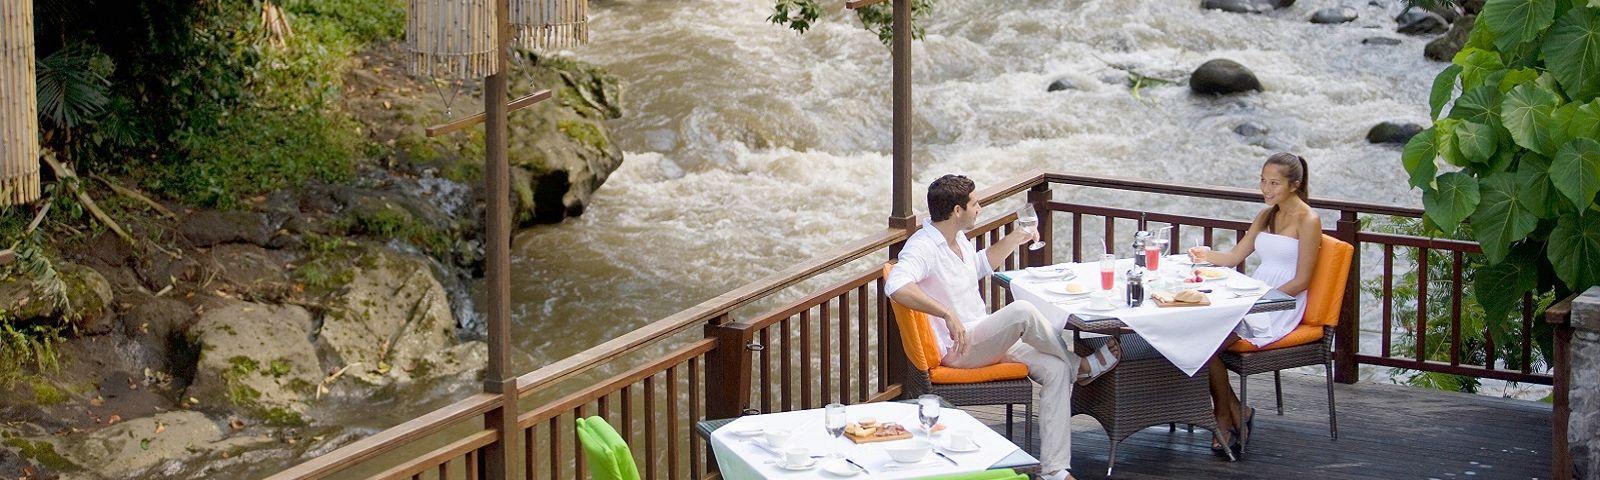 Ubud Restaurant Guide